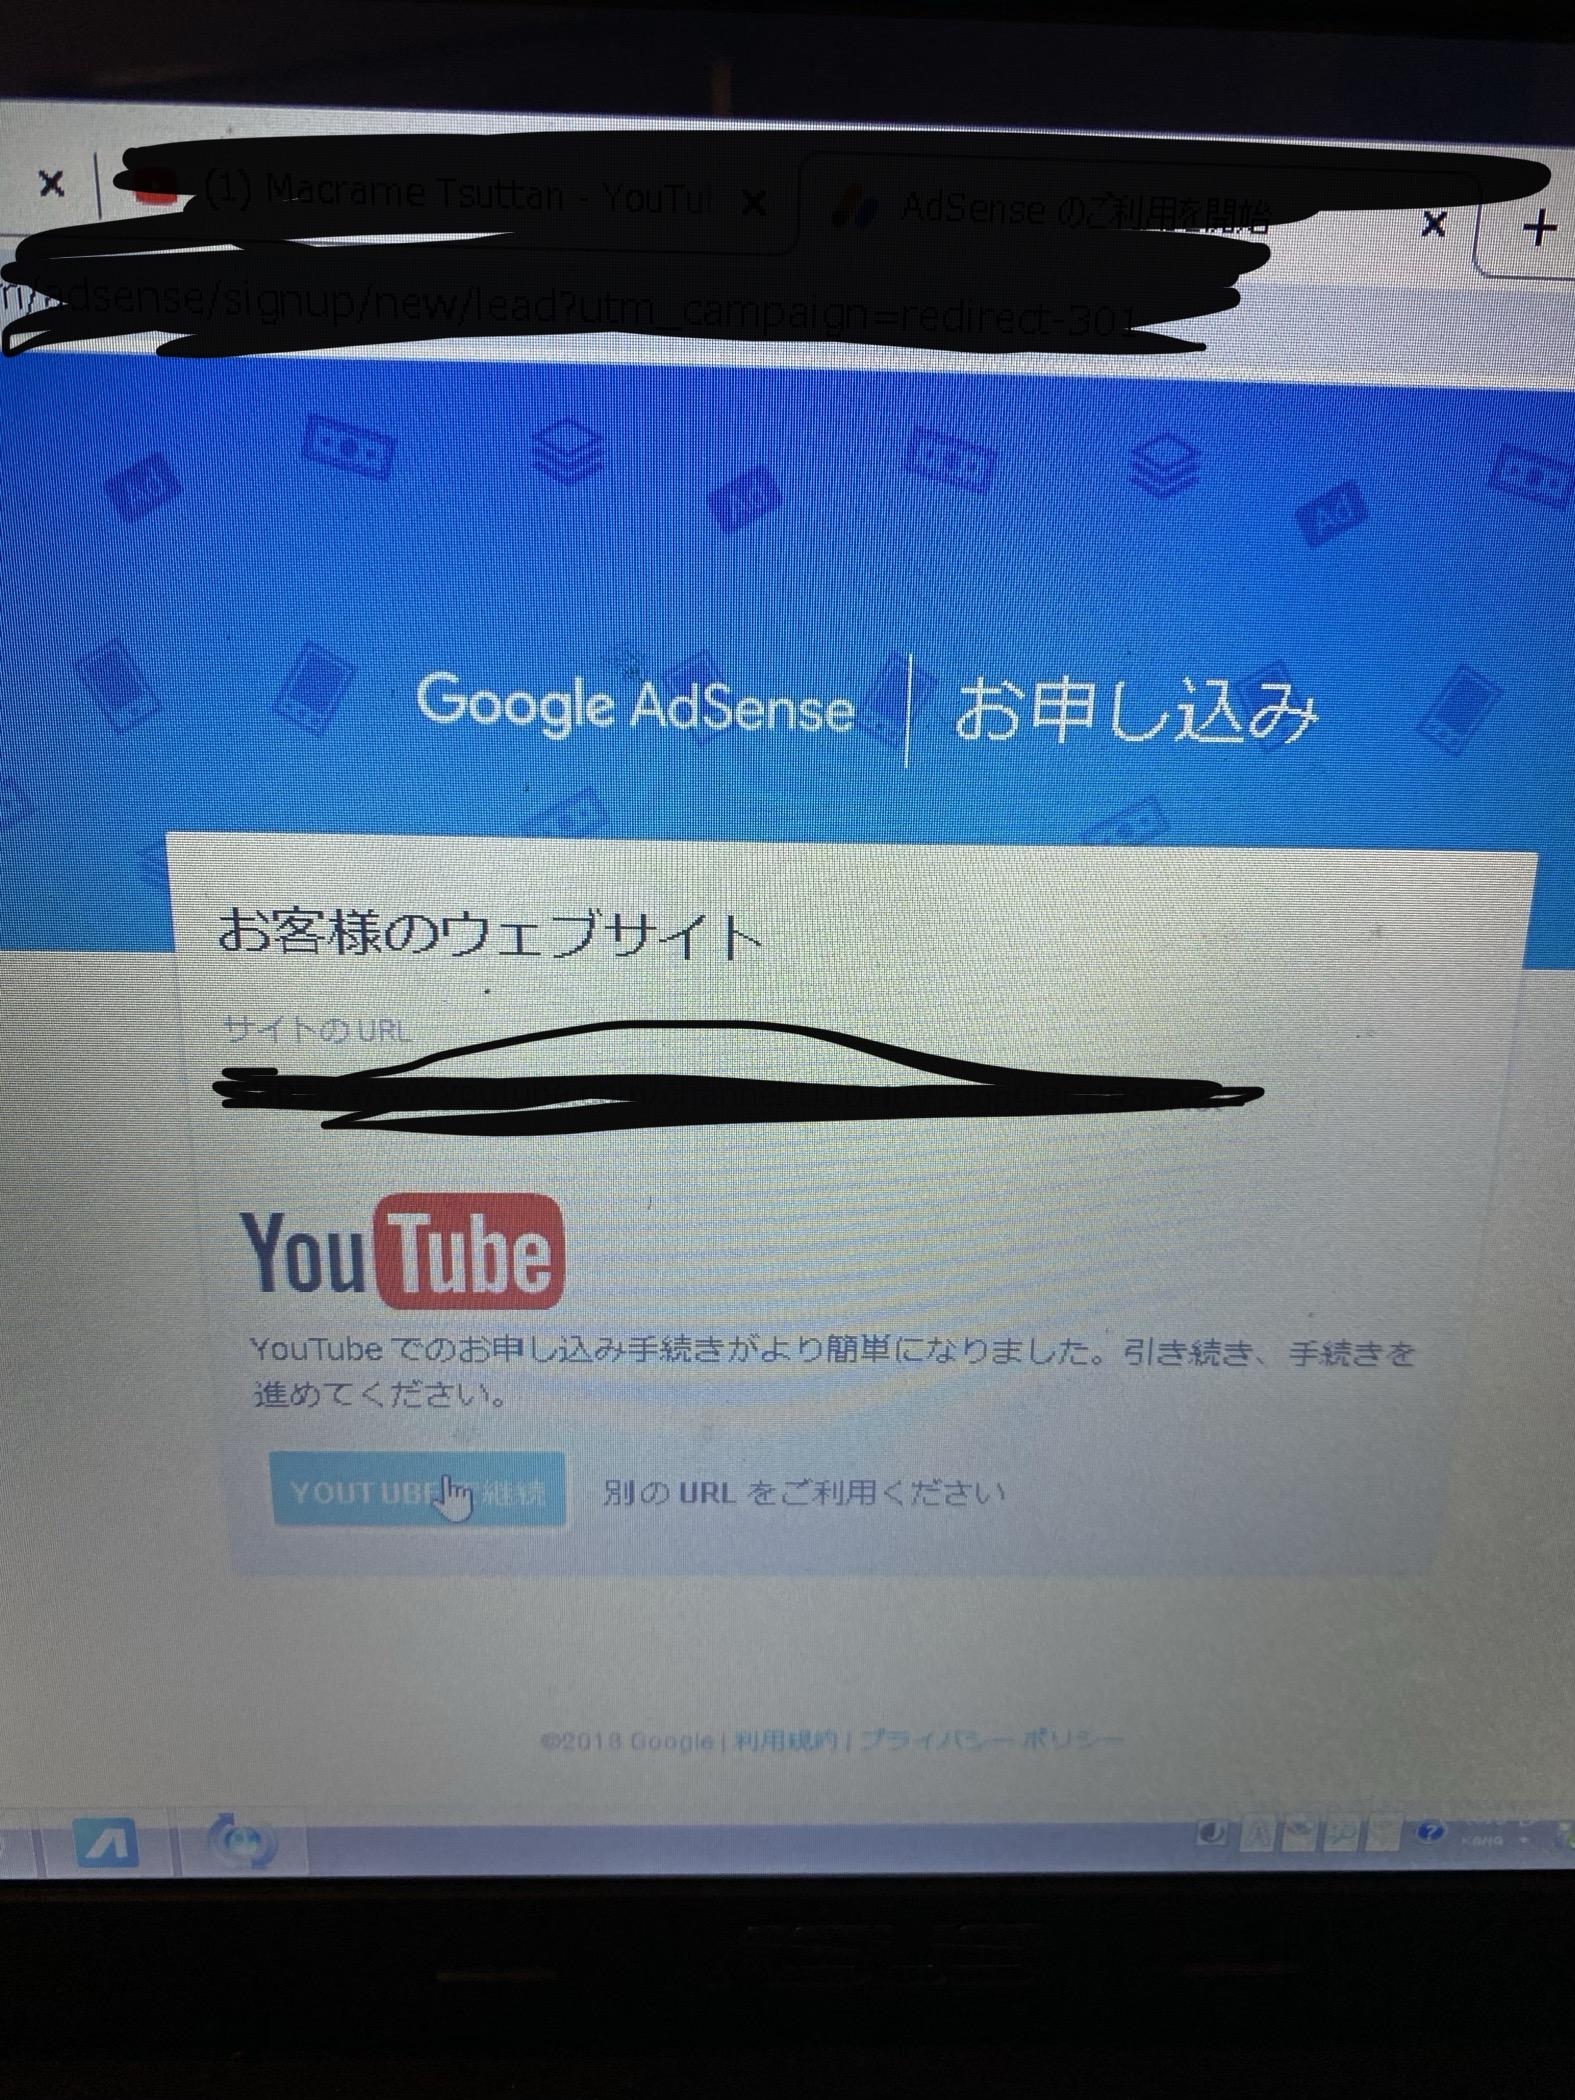 収益 化 条件 youtube